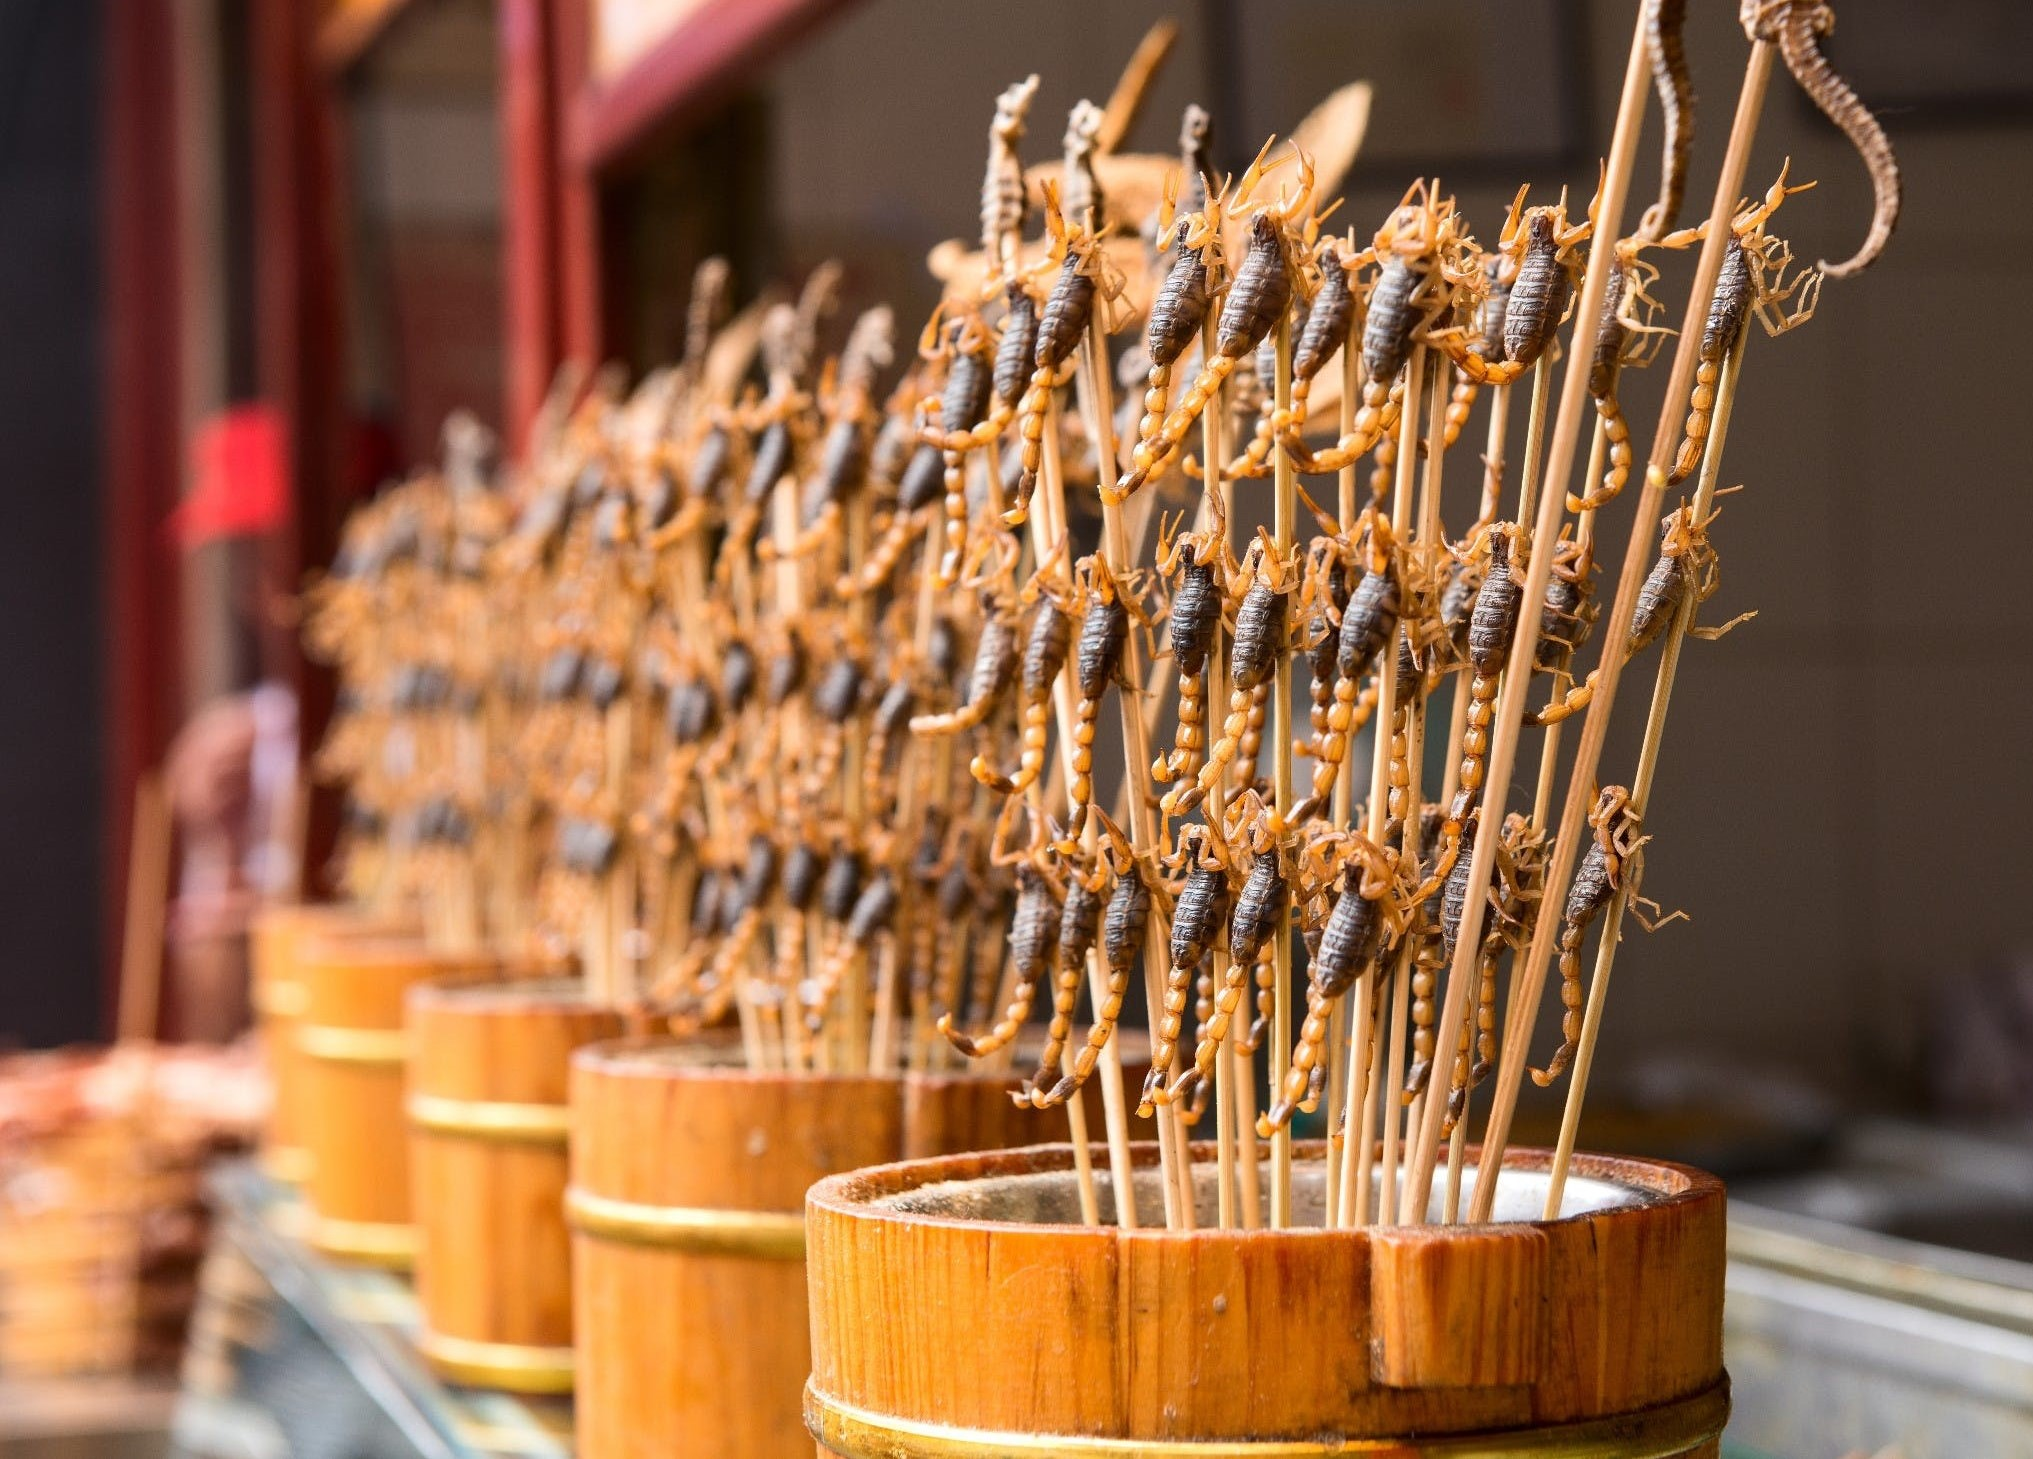 Китайская кухня - Хрустящие скорпионы на палочке